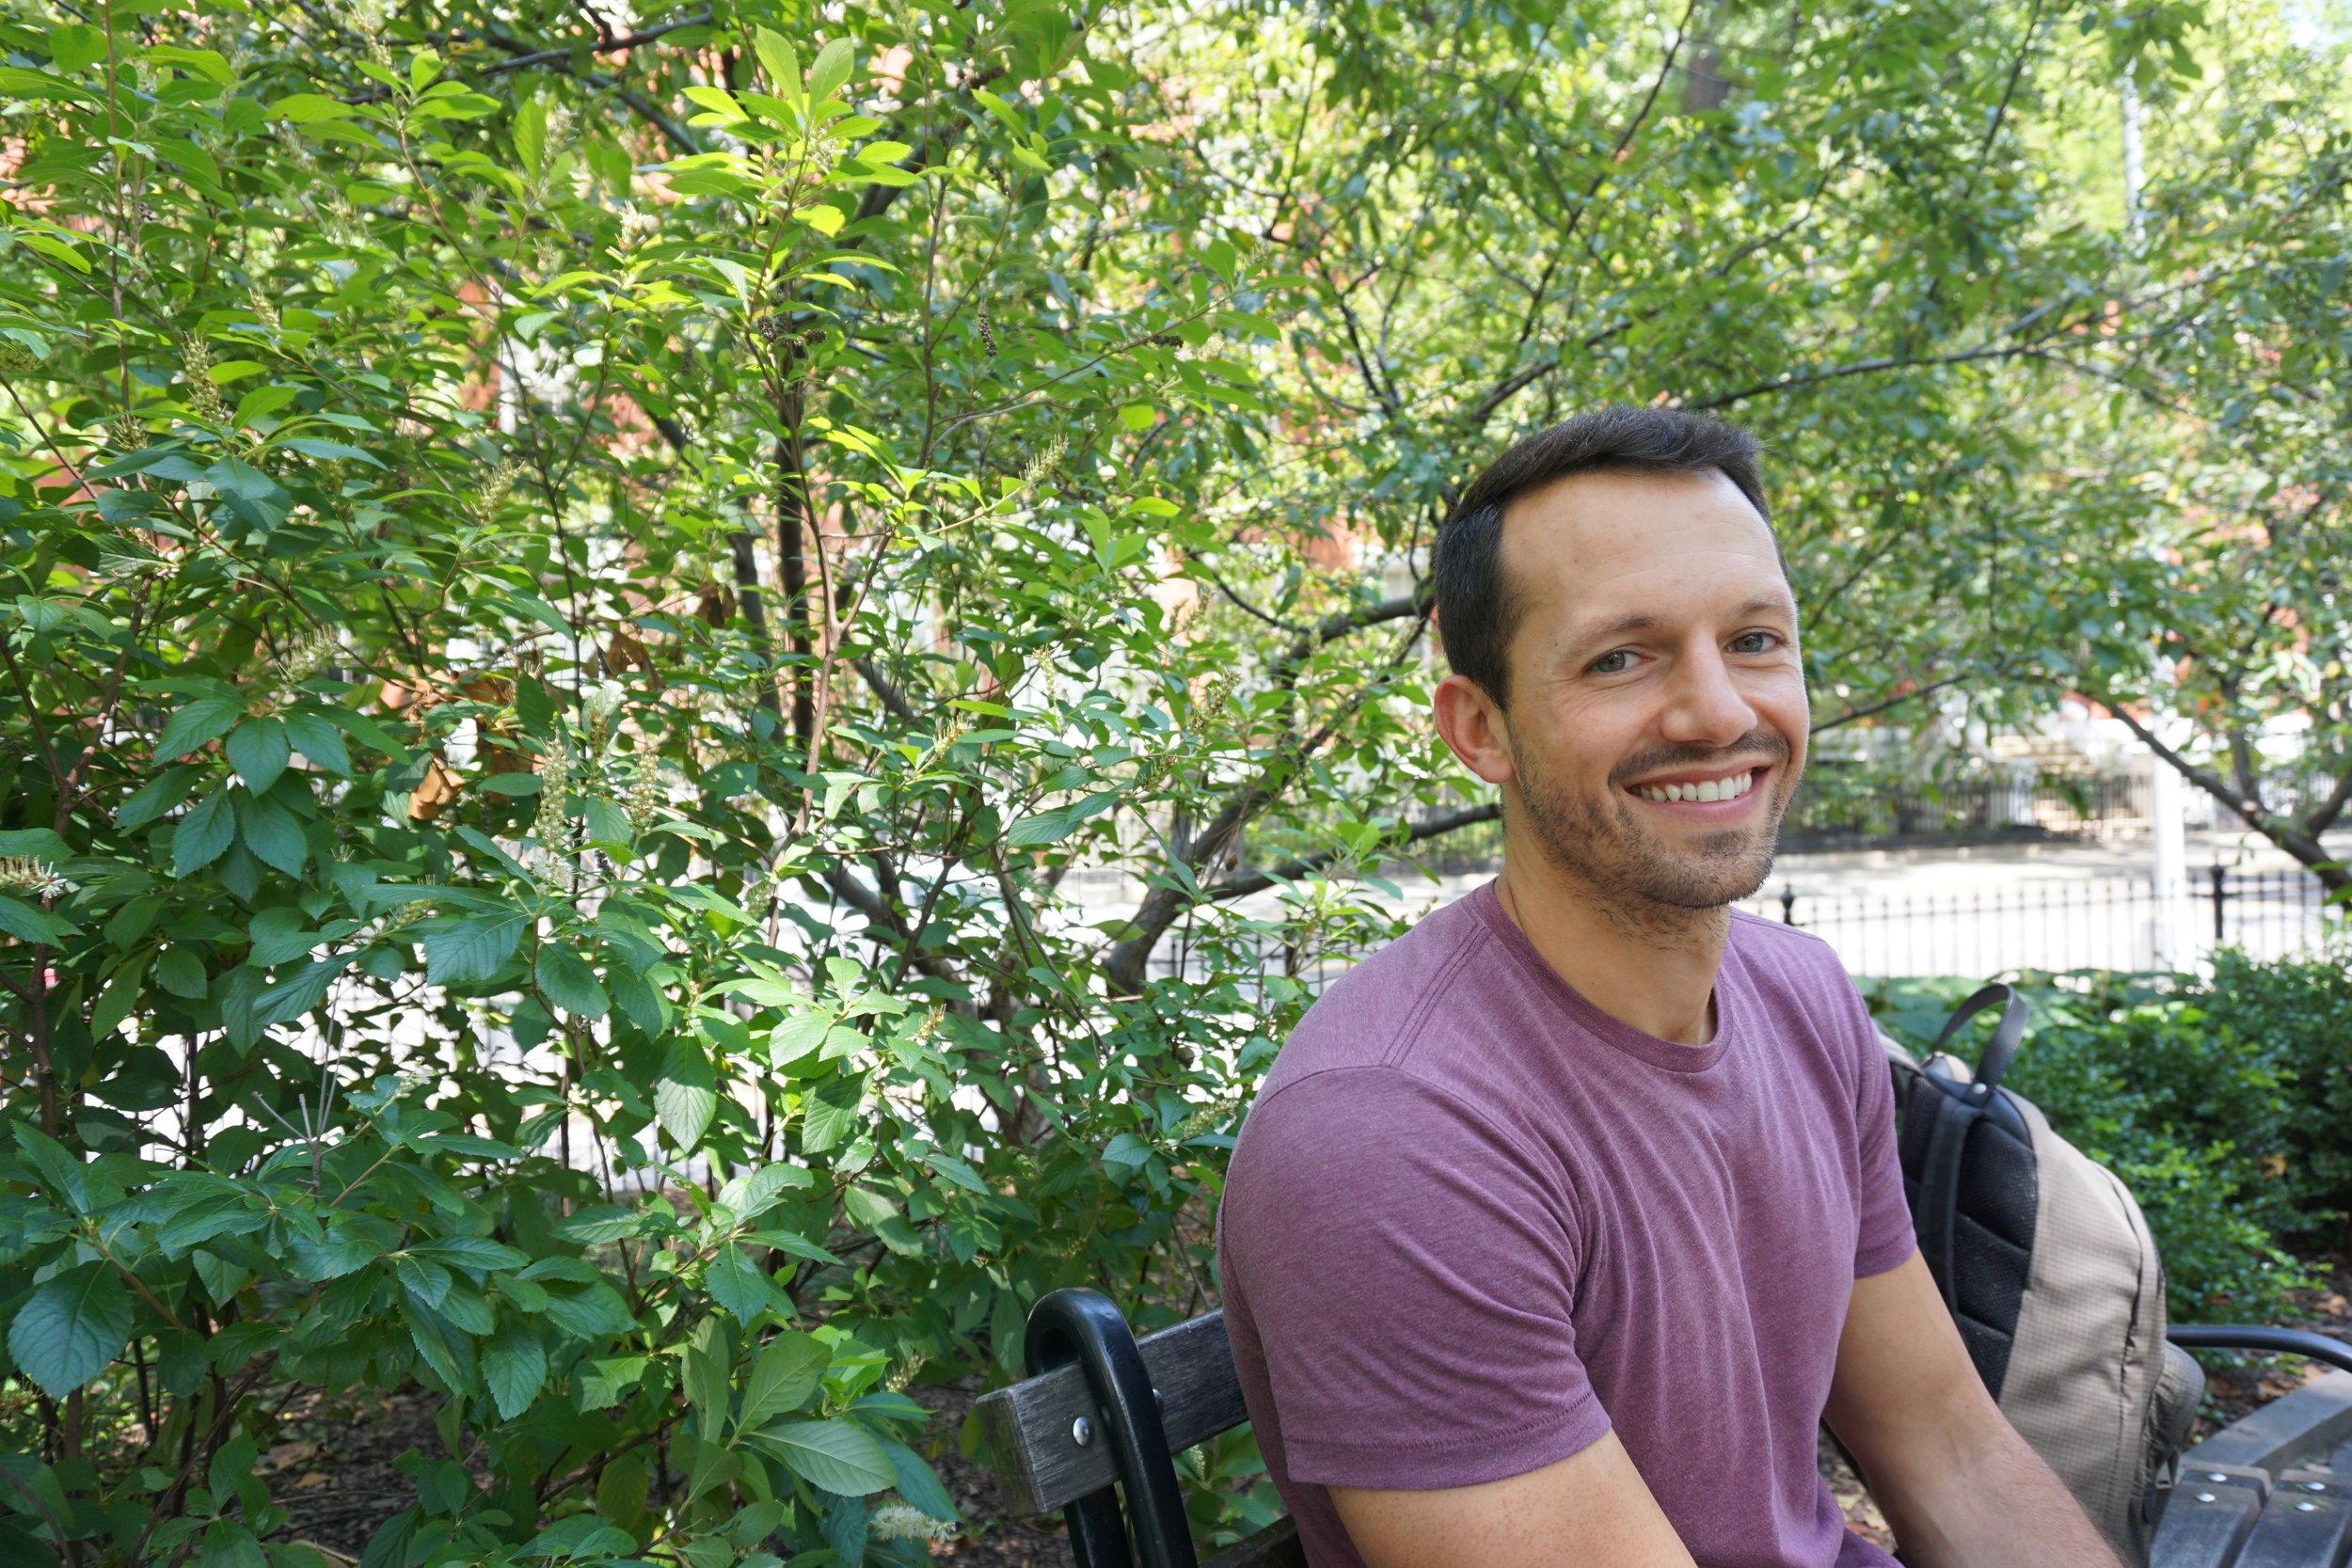 Bobby - NYC, USA